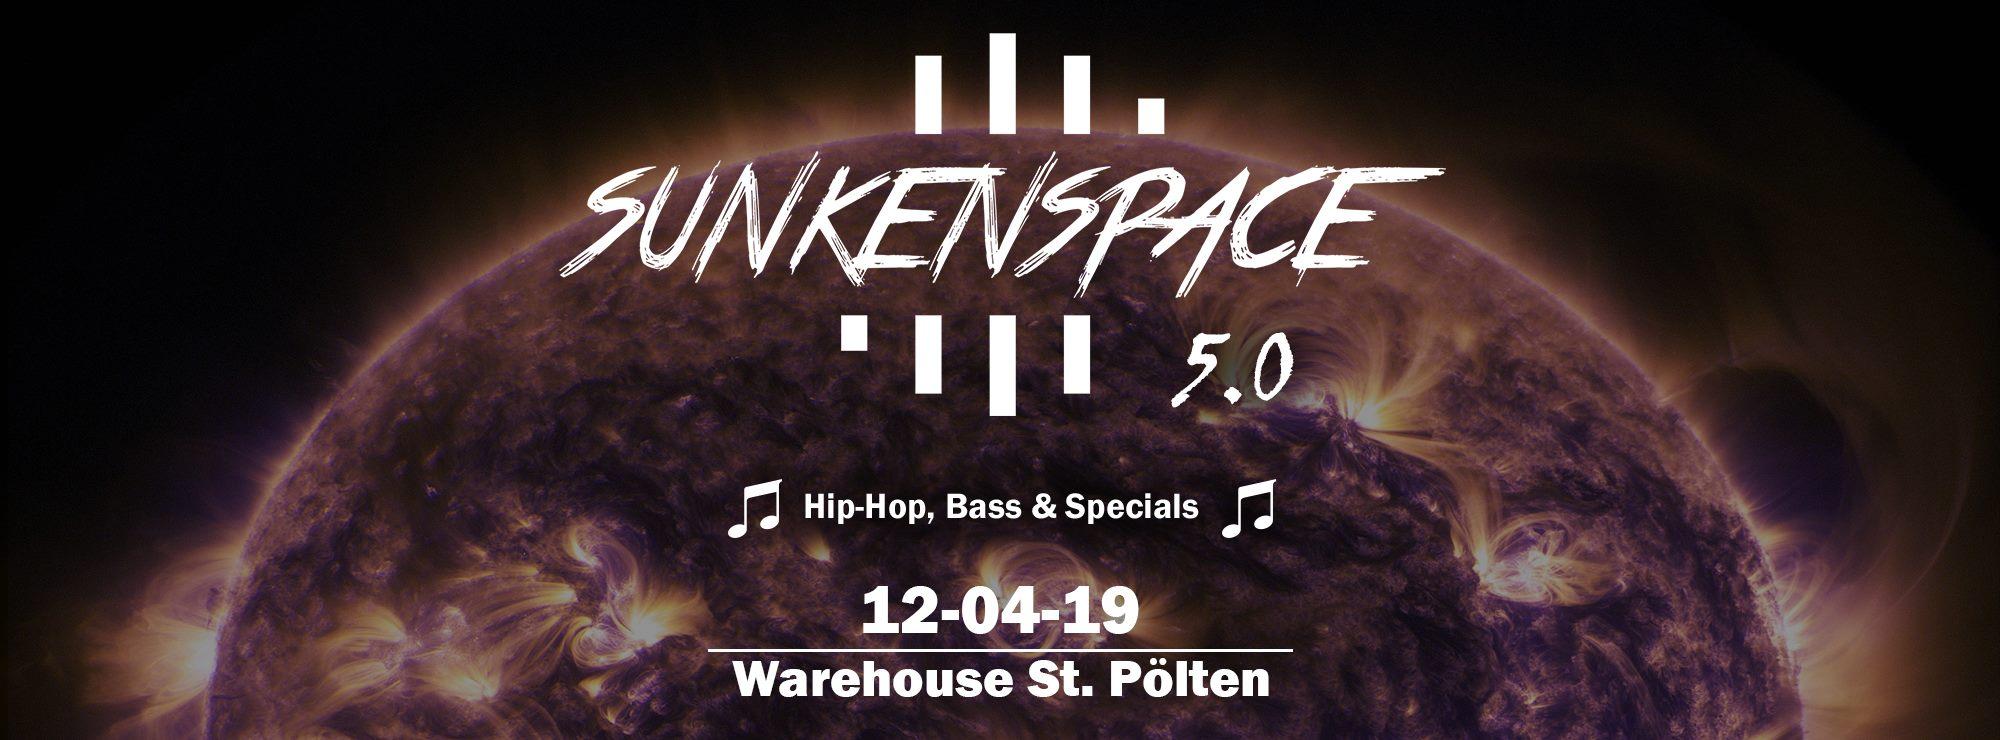 Sunkenspace 5.0